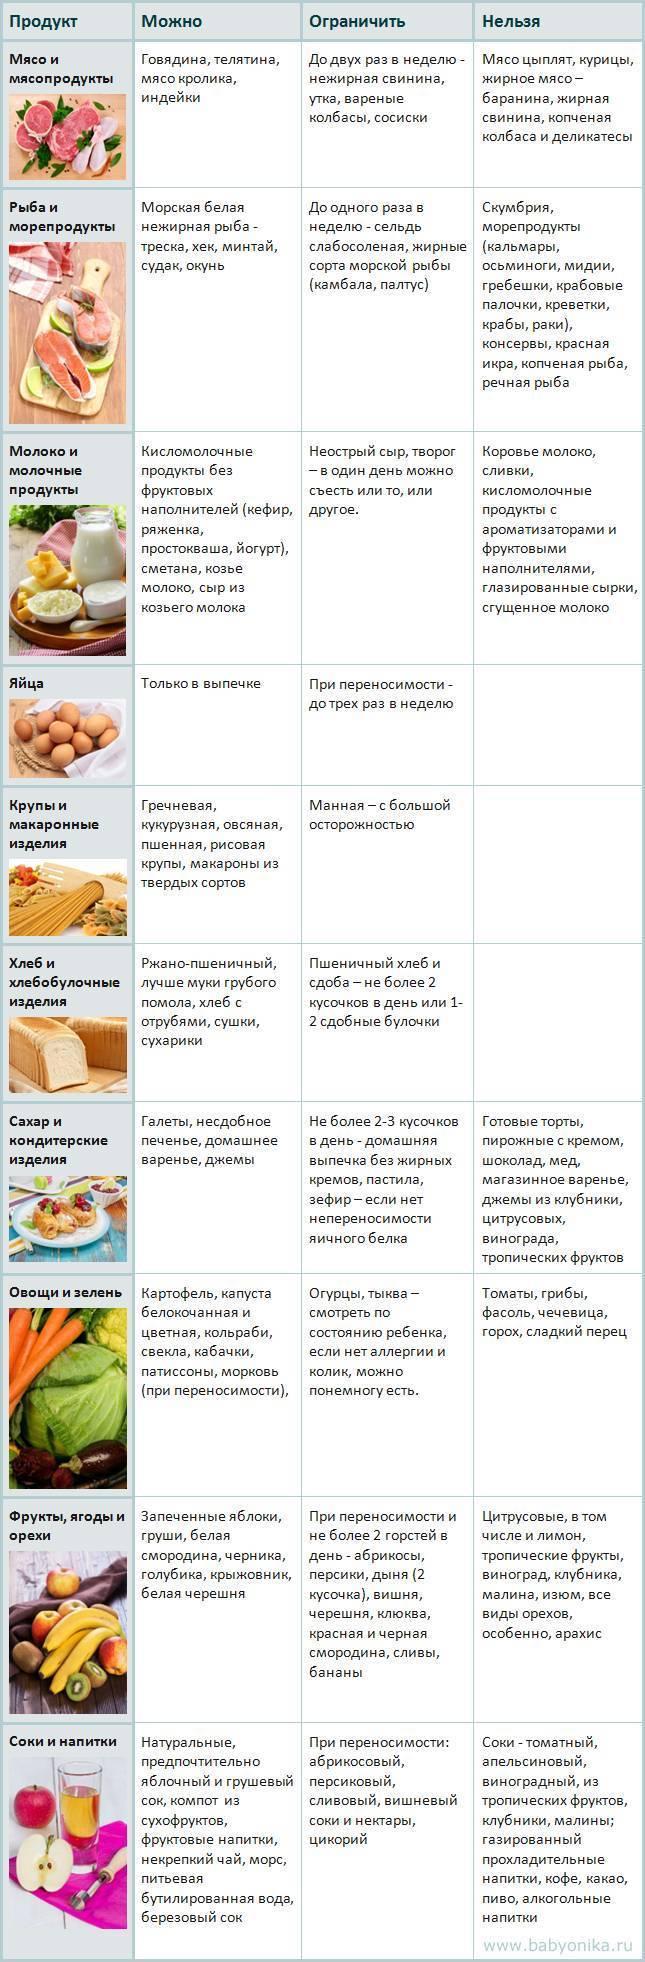 Можно ли орехи при гастрите: грецкие, арахис, кедровые, фундук - я здоров